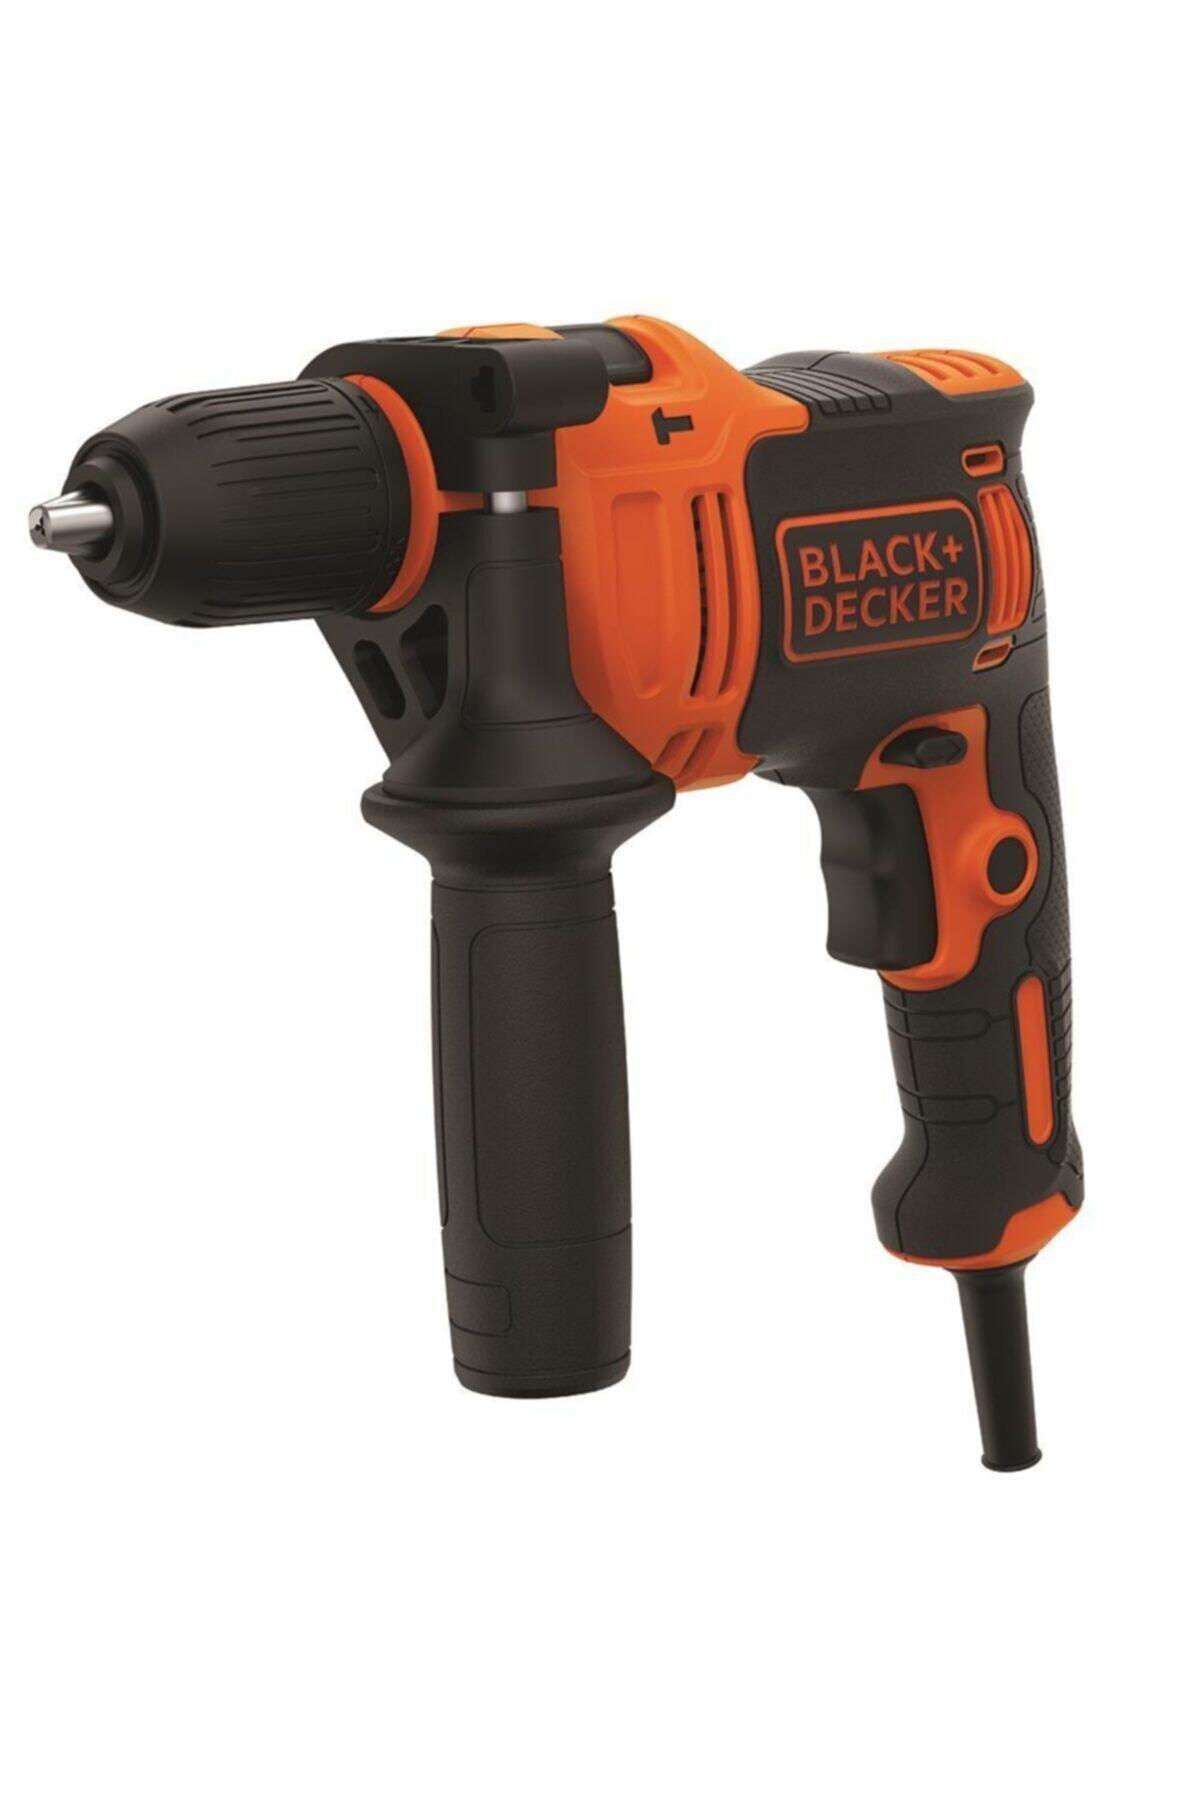 Black&Decker 710w beh710  Darbeli Matkap 2